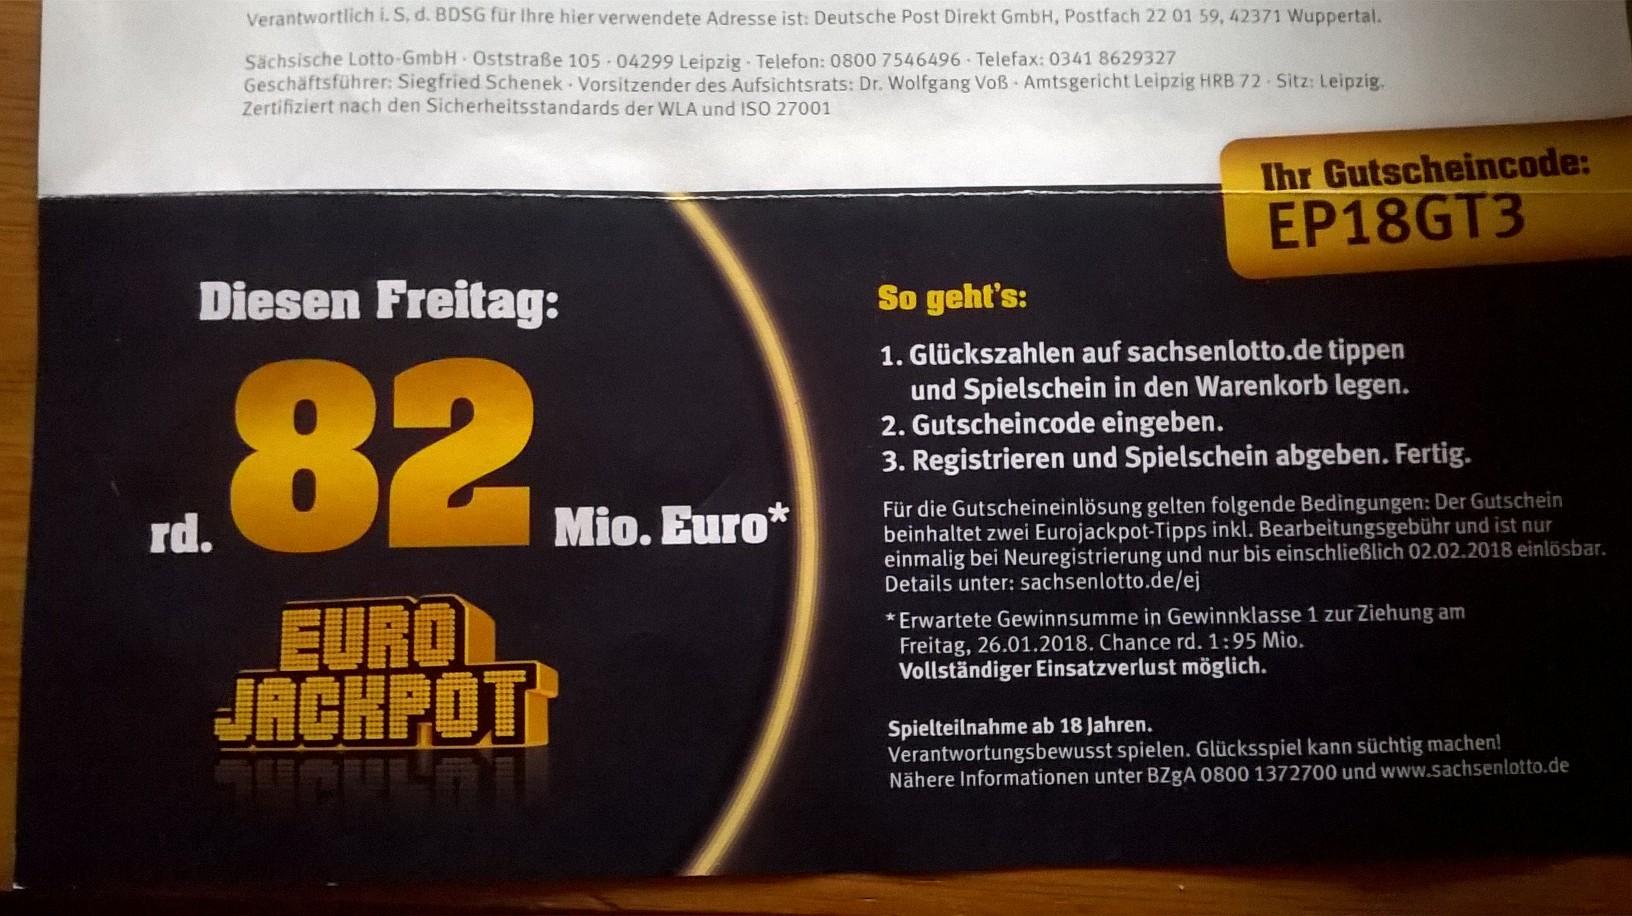 Nur für Neukunden aus Sachsen - 2 x Eurojackpot for free (90Mio) @ sachsenlotto